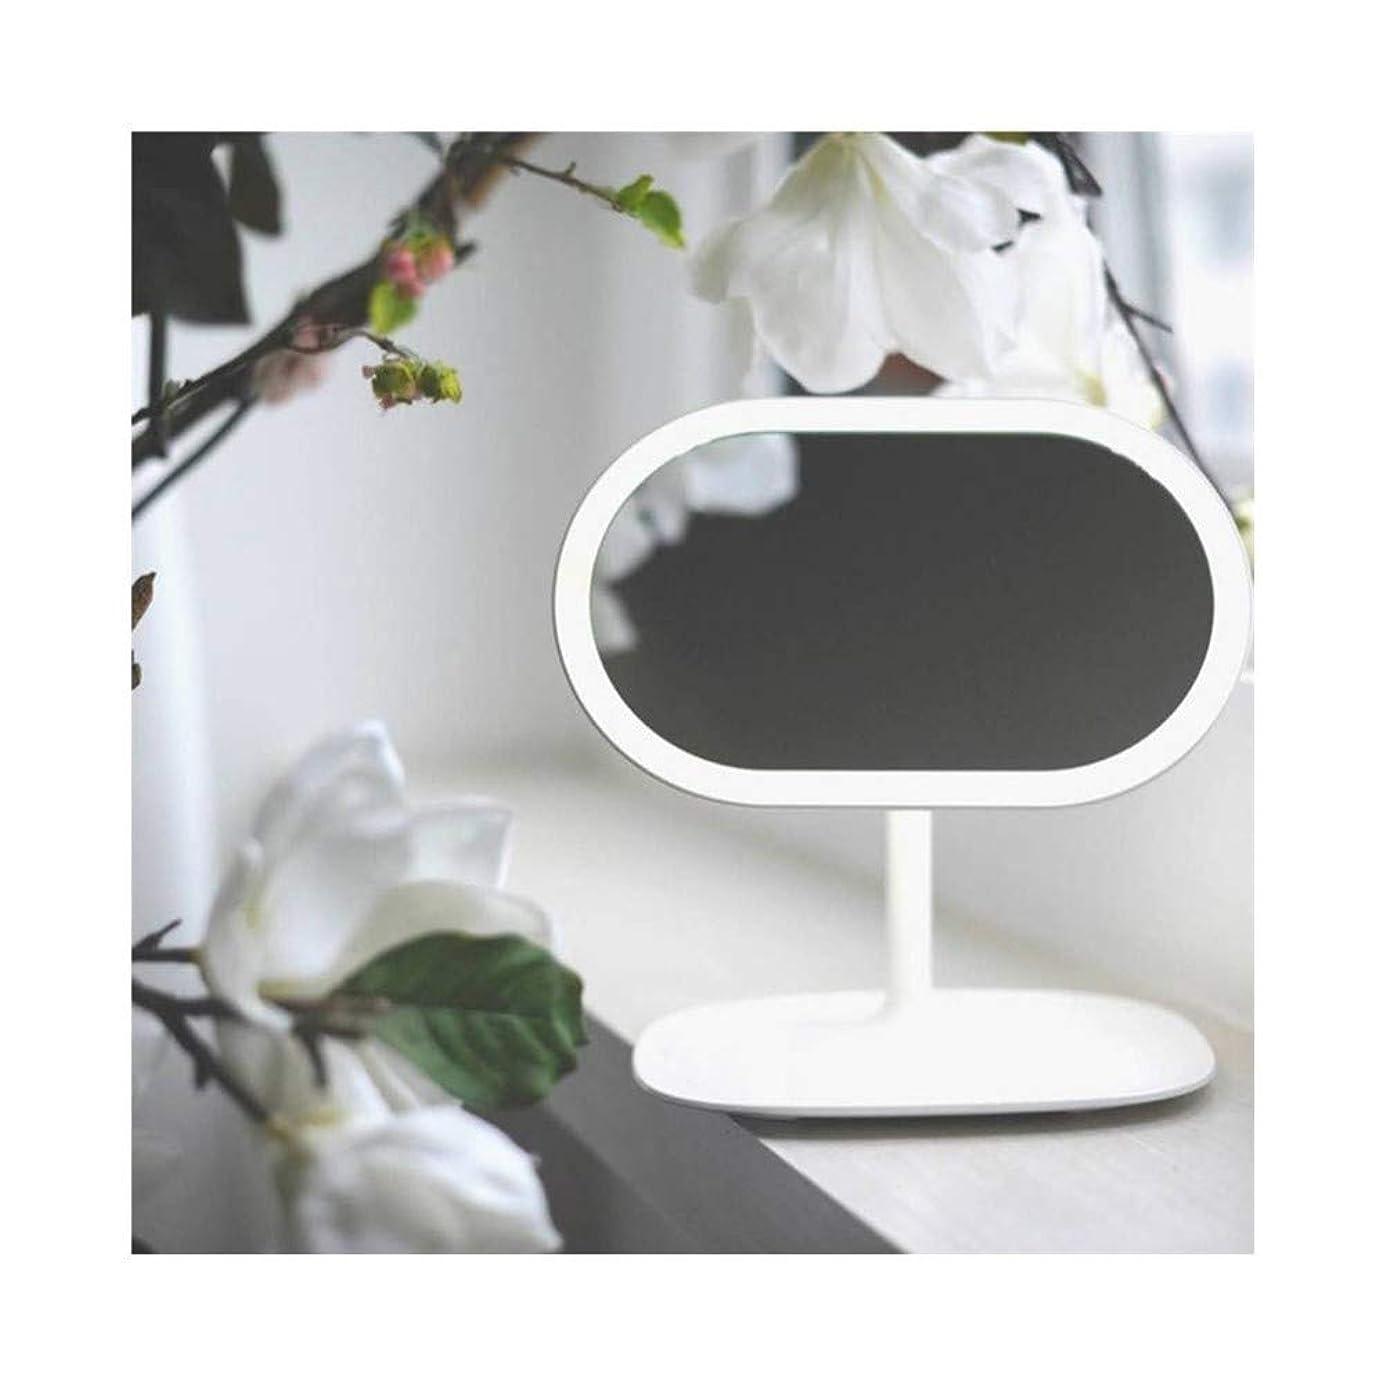 シャーク神秘的なアクセサリーGEABQJ 2個 LED化粧鏡 デスクトップ 知的な 多機能 調整可能 フィル顕微鏡、 220x226x148mm (Color : White)